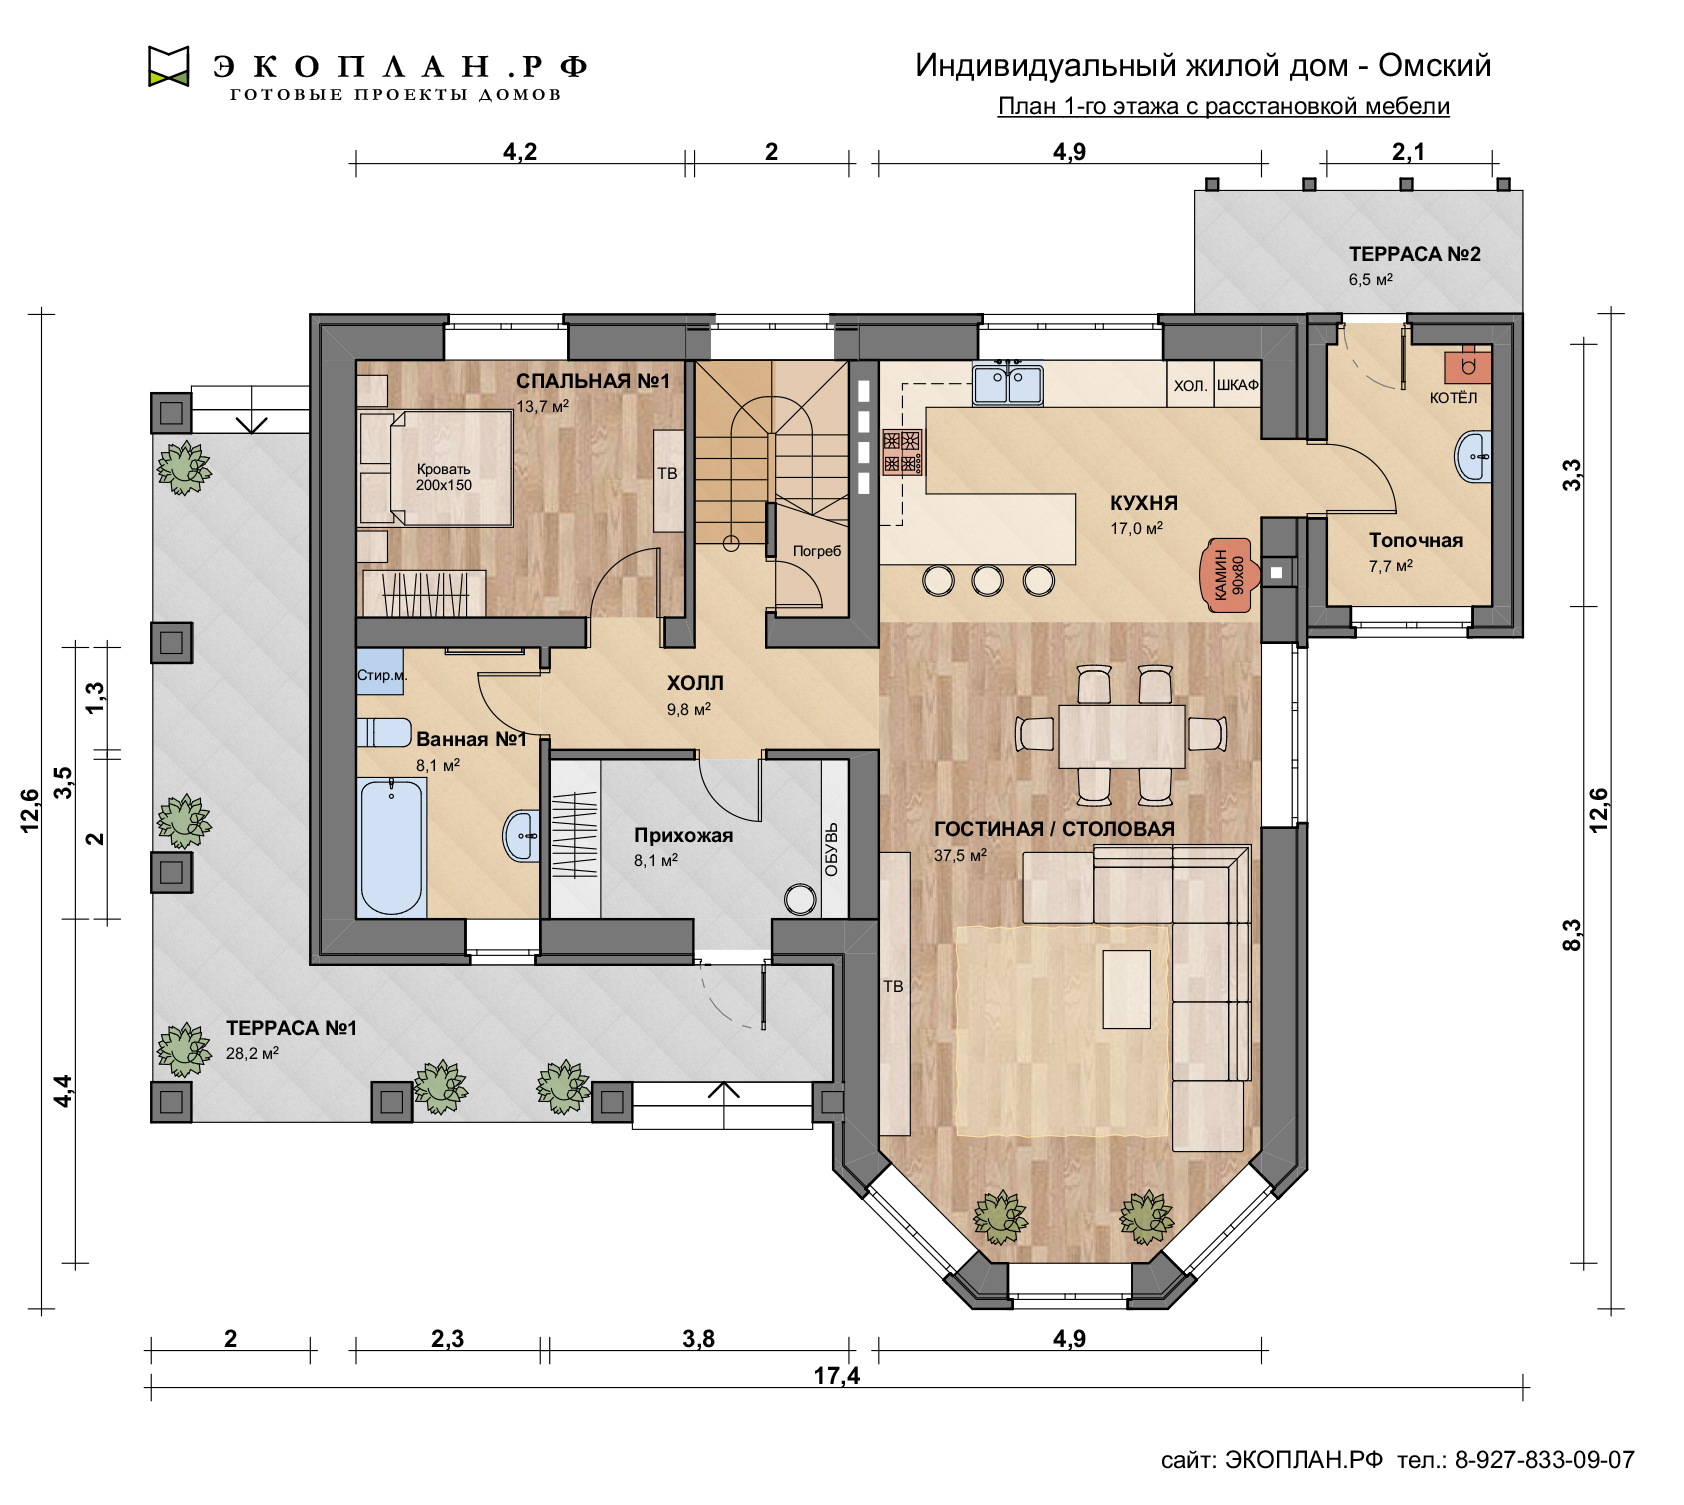 Готовый проект двухэтажного дома-Омский-Экоплан.рф план